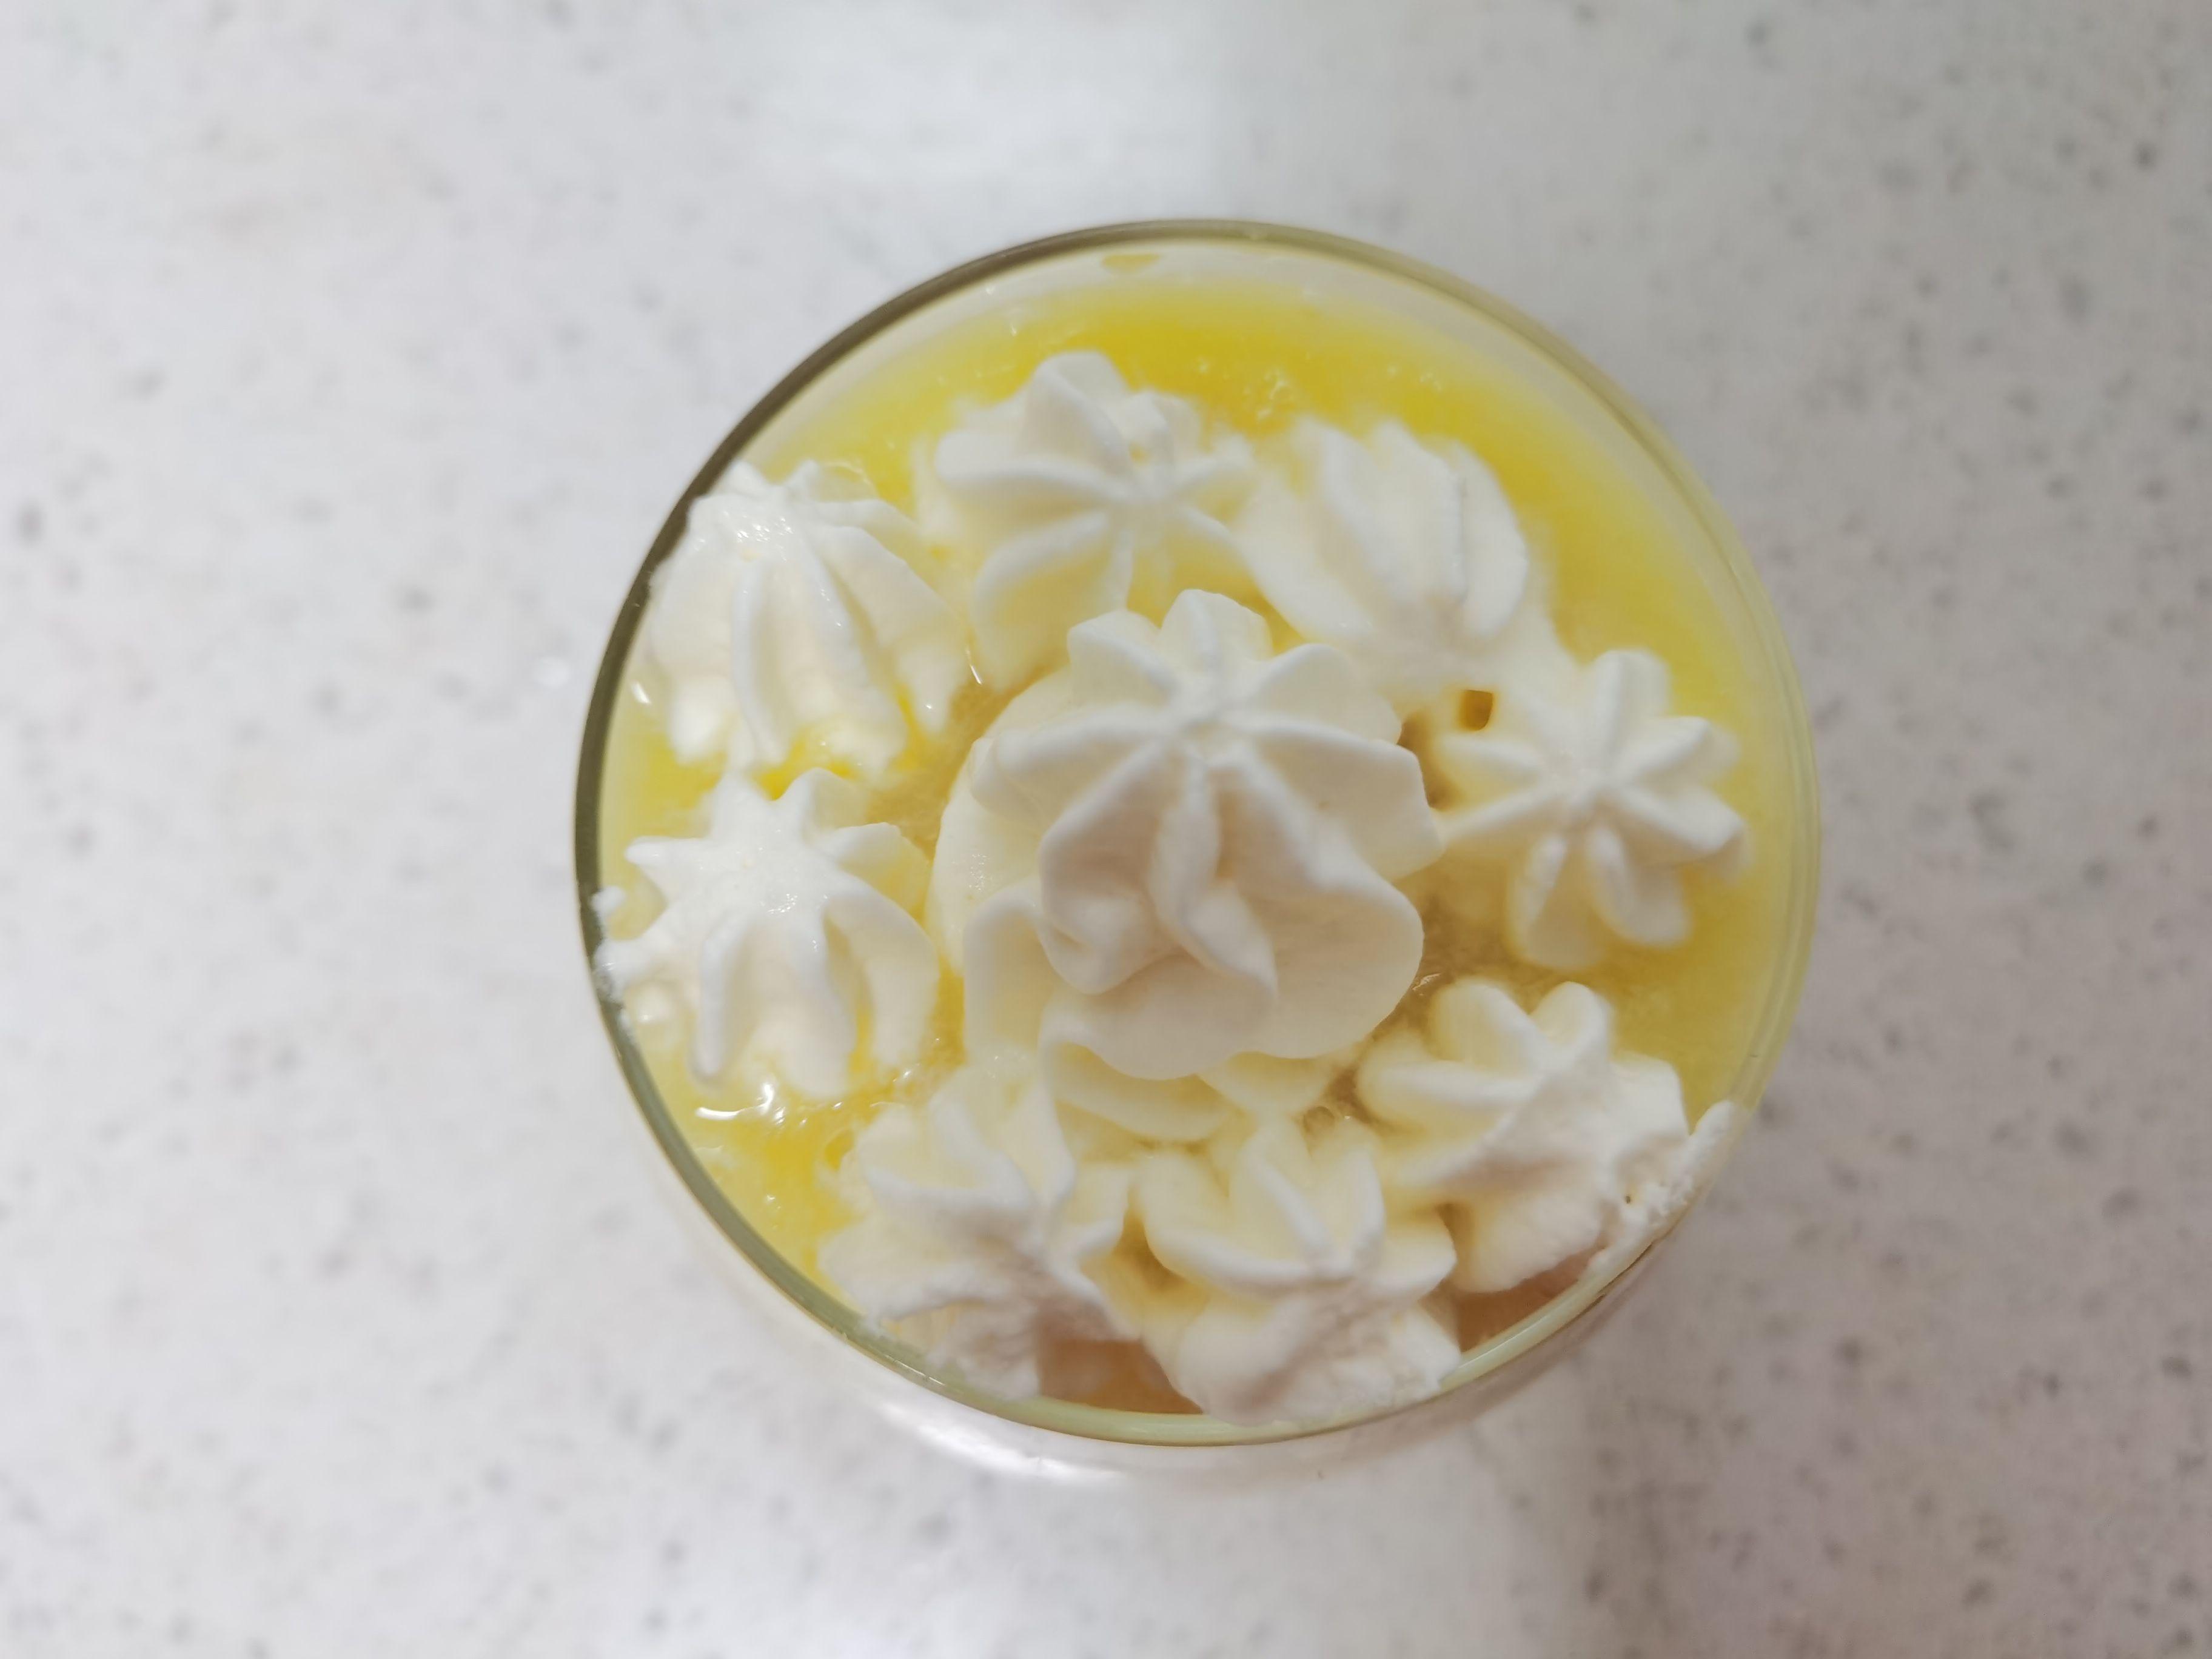 雪顶蔓越莓菠萝黑糖苏打水怎么炒